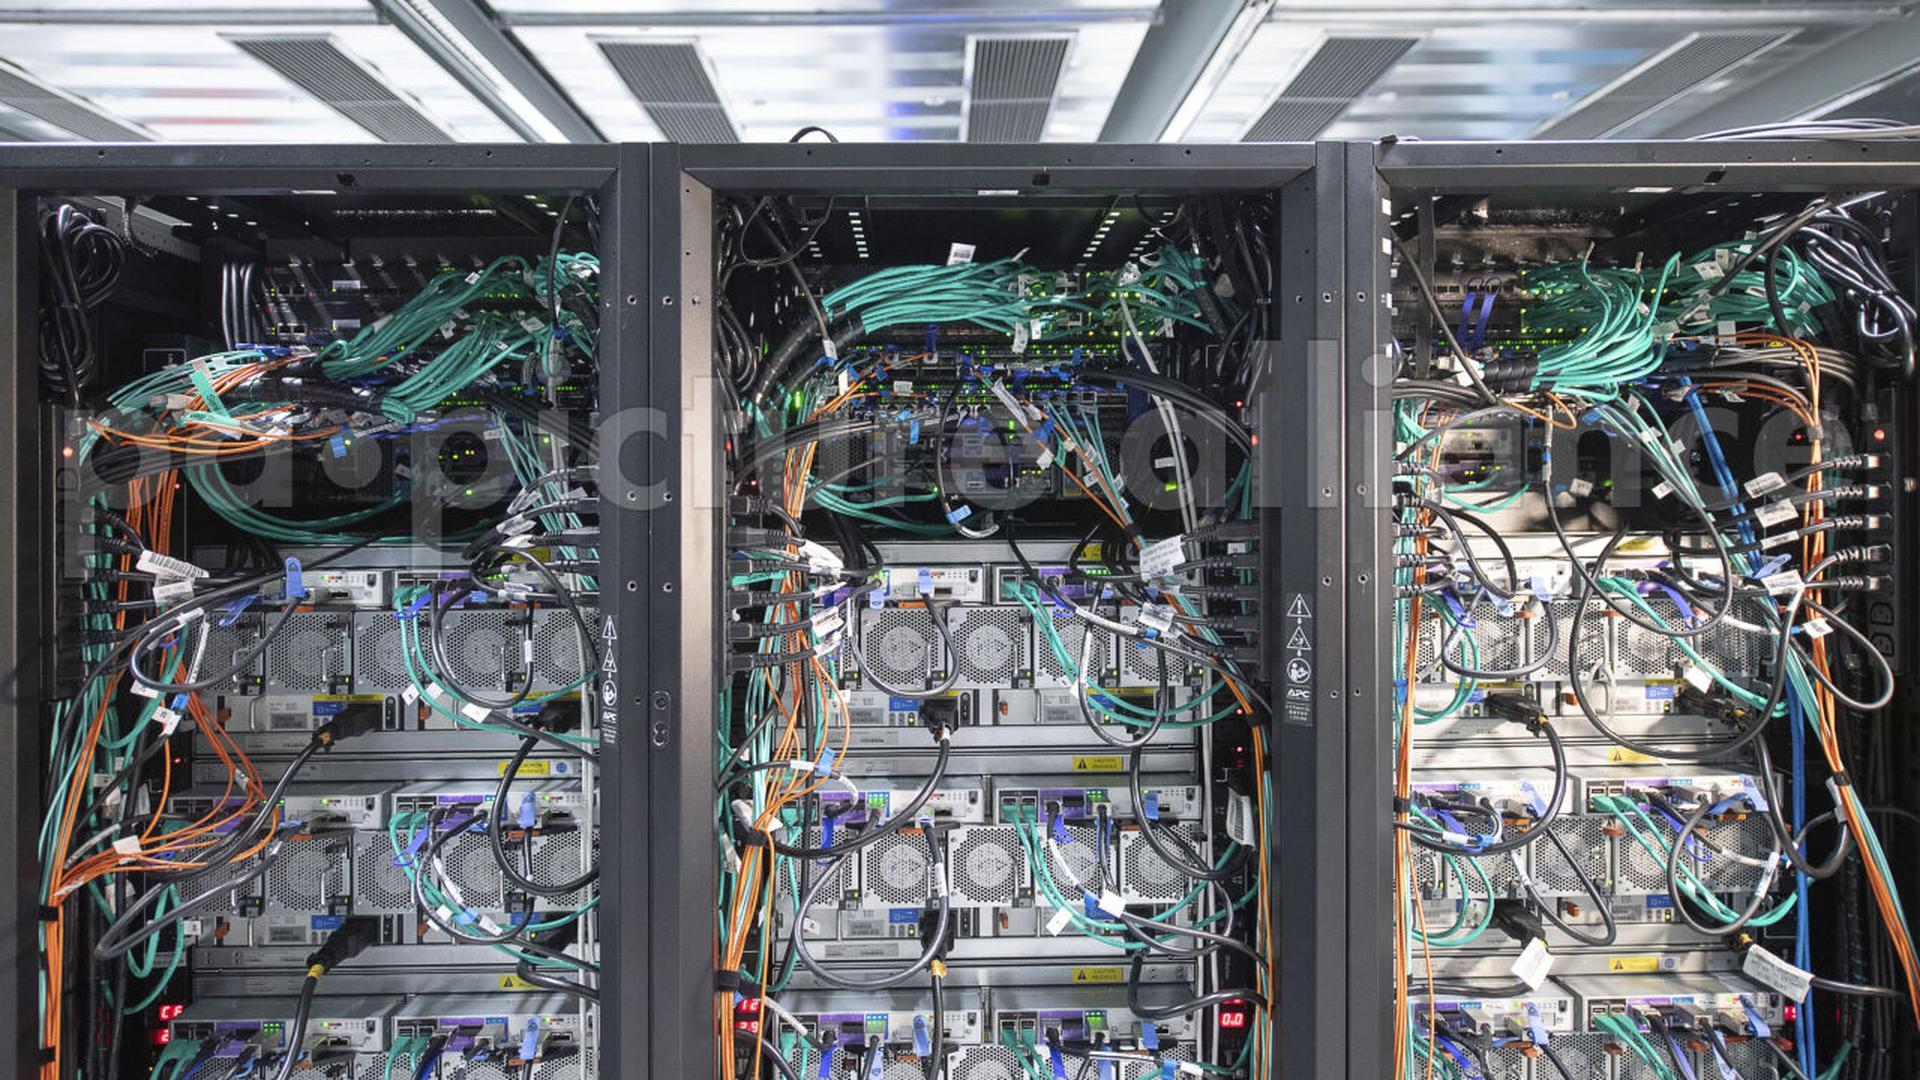 Ein Hochleistungscomputer mit dem neuronale Netze berechnet werden stehen in einem Höchstleistungsrechenzentrum. Die Landesregierung will in Baden-Württemberg bald einen sogenannten Innovationspark für künstliche Intelligenz aufbauen.(zu dpa «Ministerium: Mehrere Regionen an geplantem KI-Campus interessiert») +++ dpa-Bildfunk +++